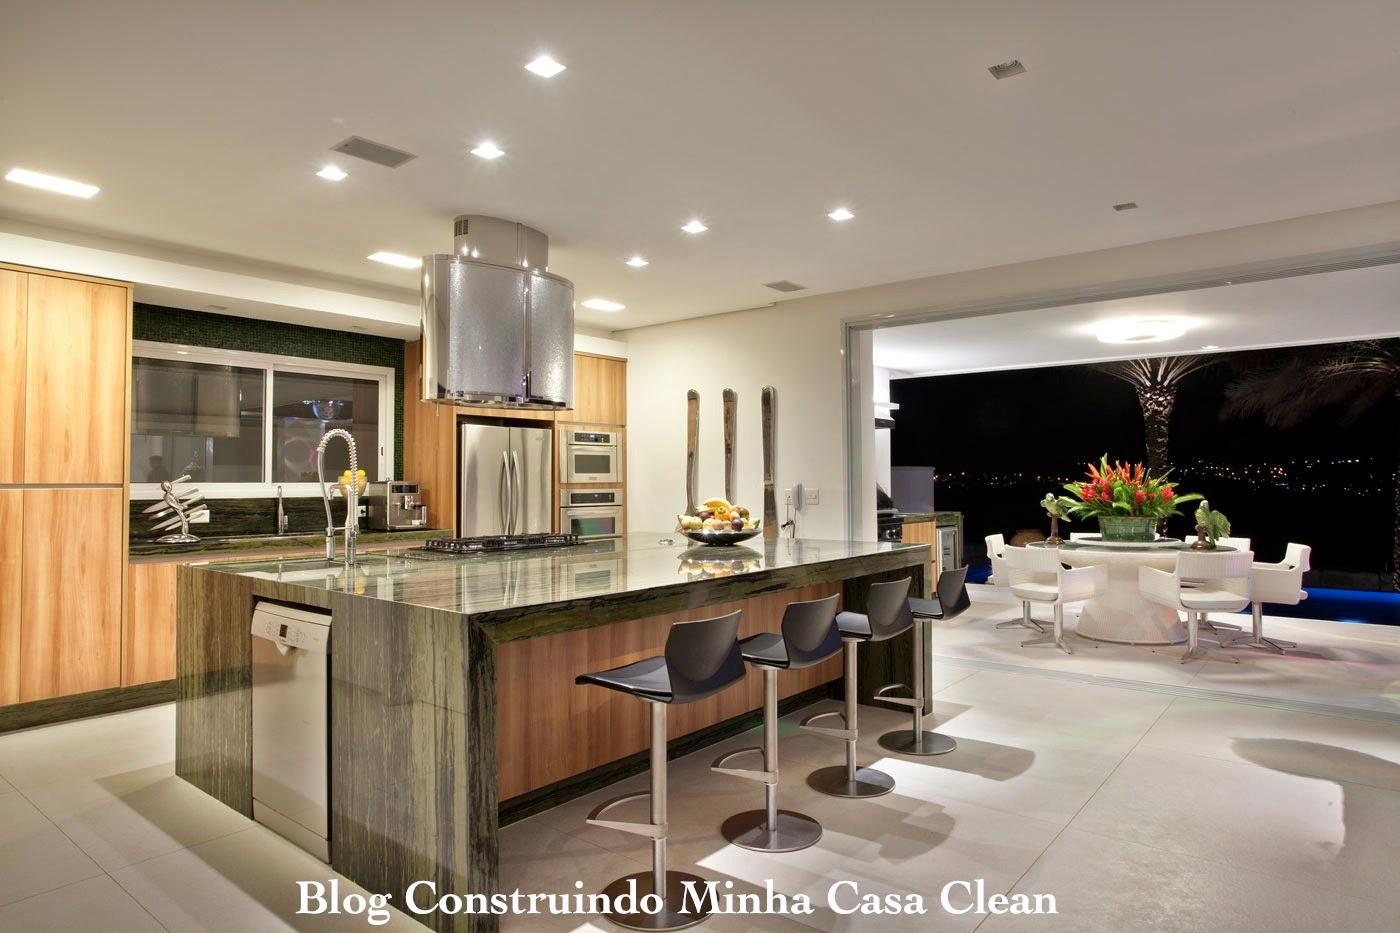 Construindo Minha Casa Clean: Casa Branca Moderna e Maravilhosa  #183376 1400 933